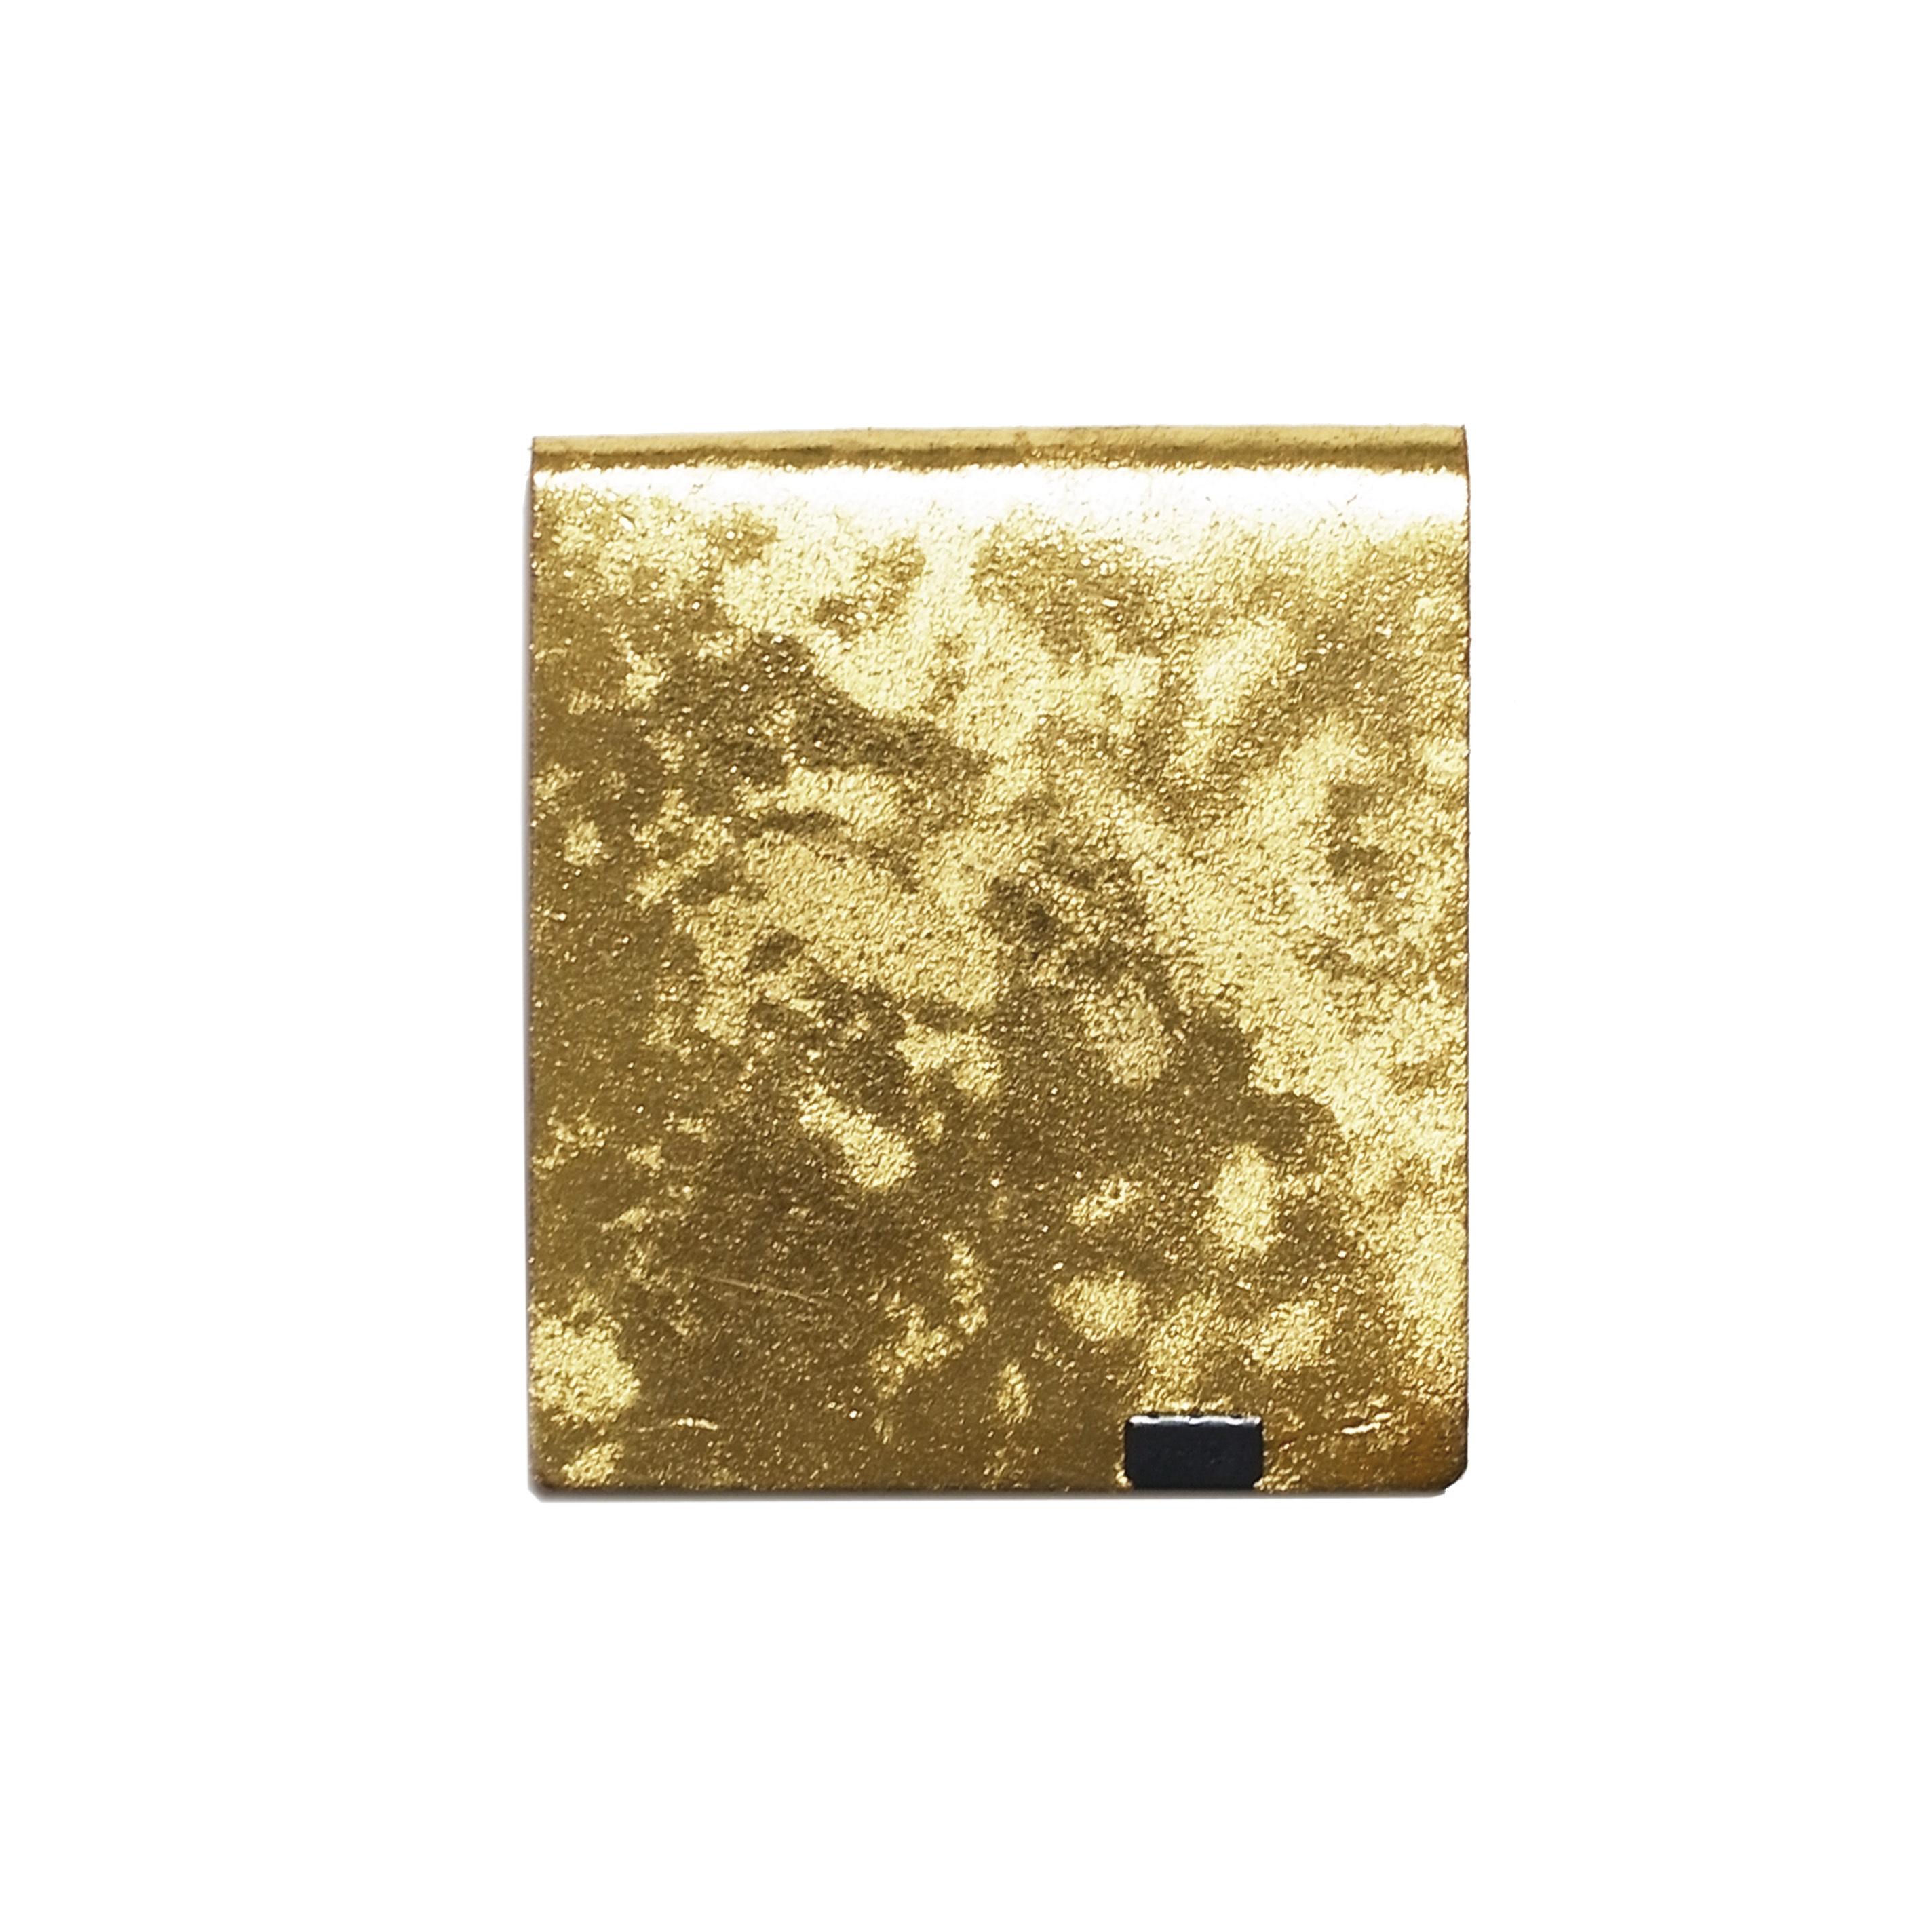 侘び寂び -ショートウォレット2.0- ゴールド×キャメル